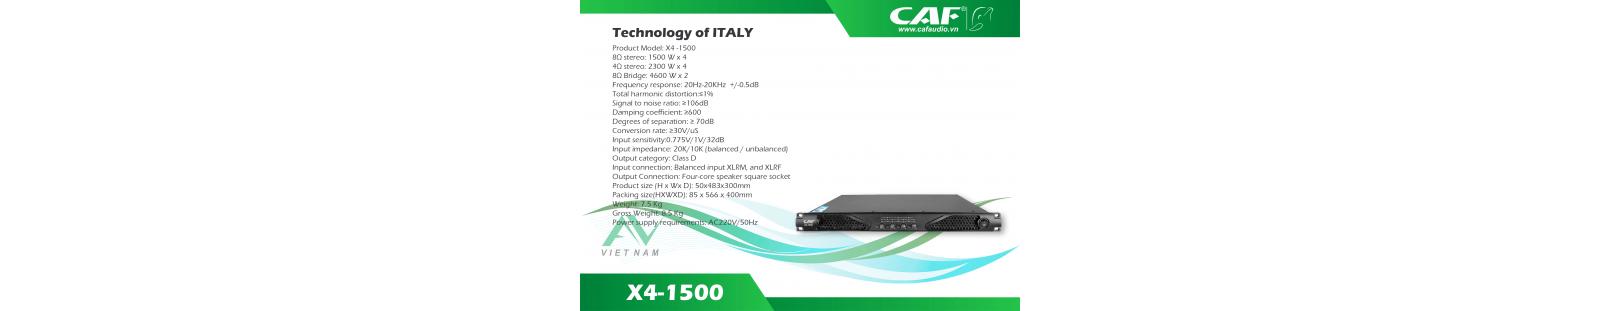 CAF X4-1500